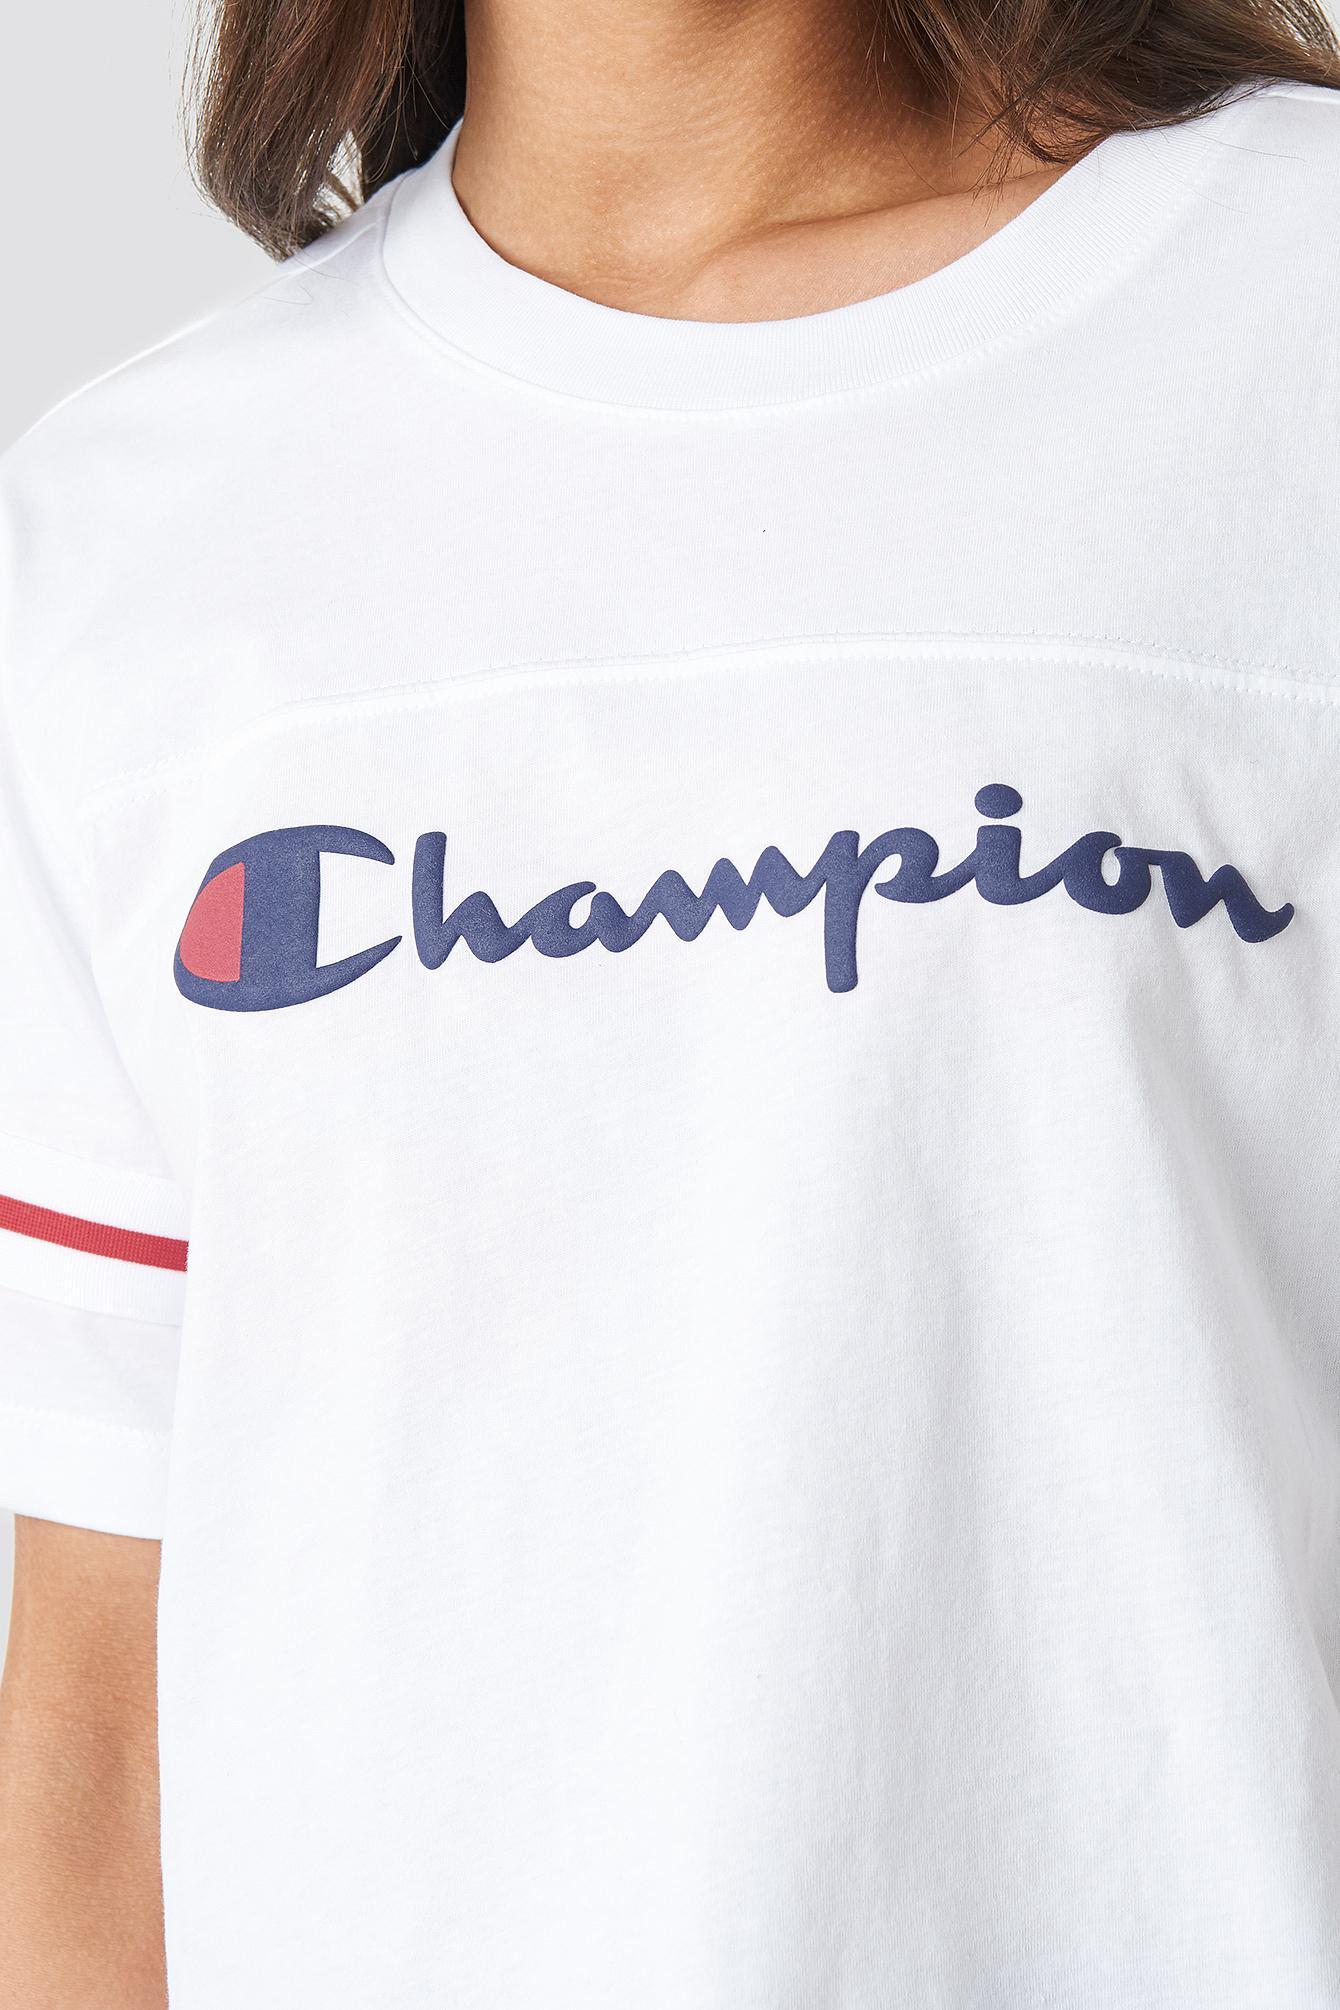 e95b4373d897 Champion - Crewneck Ss Croptop White - Lyst. View fullscreen